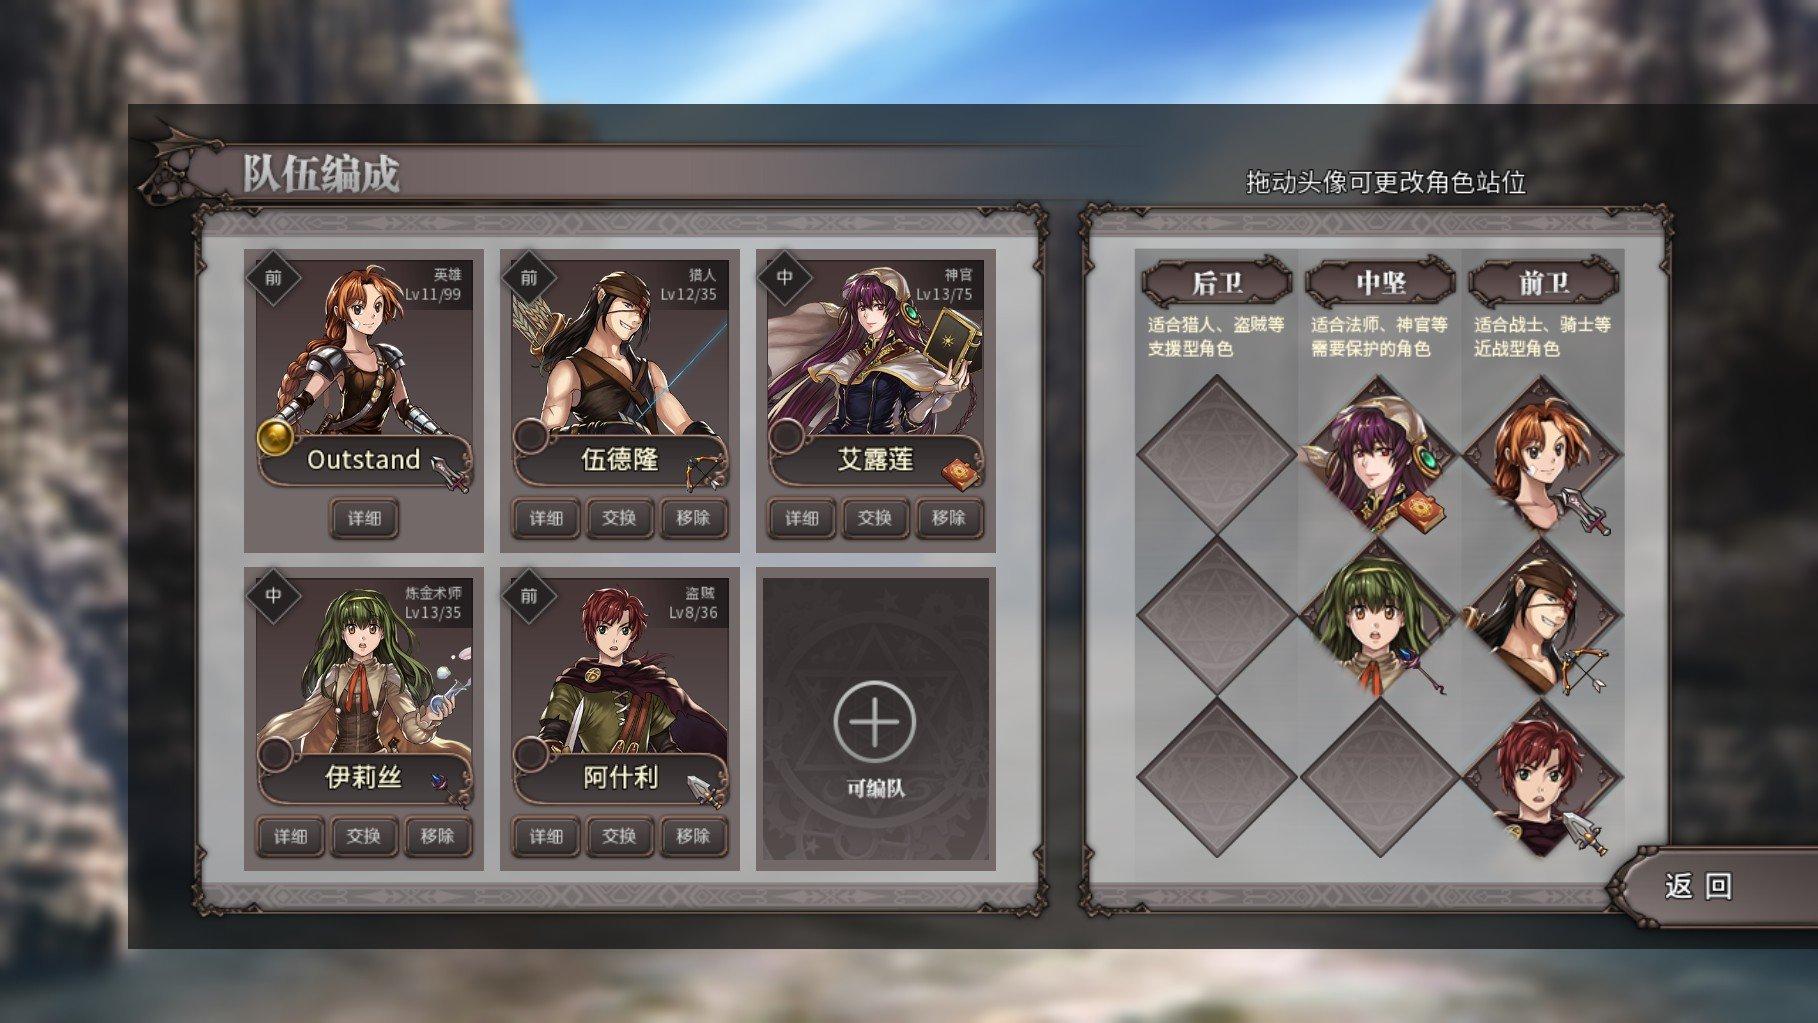 https://u.kanobu.ru/screenshots/48/3bfdaa7a-3ac2-462e-a4ae-6e51572f4035.jpg